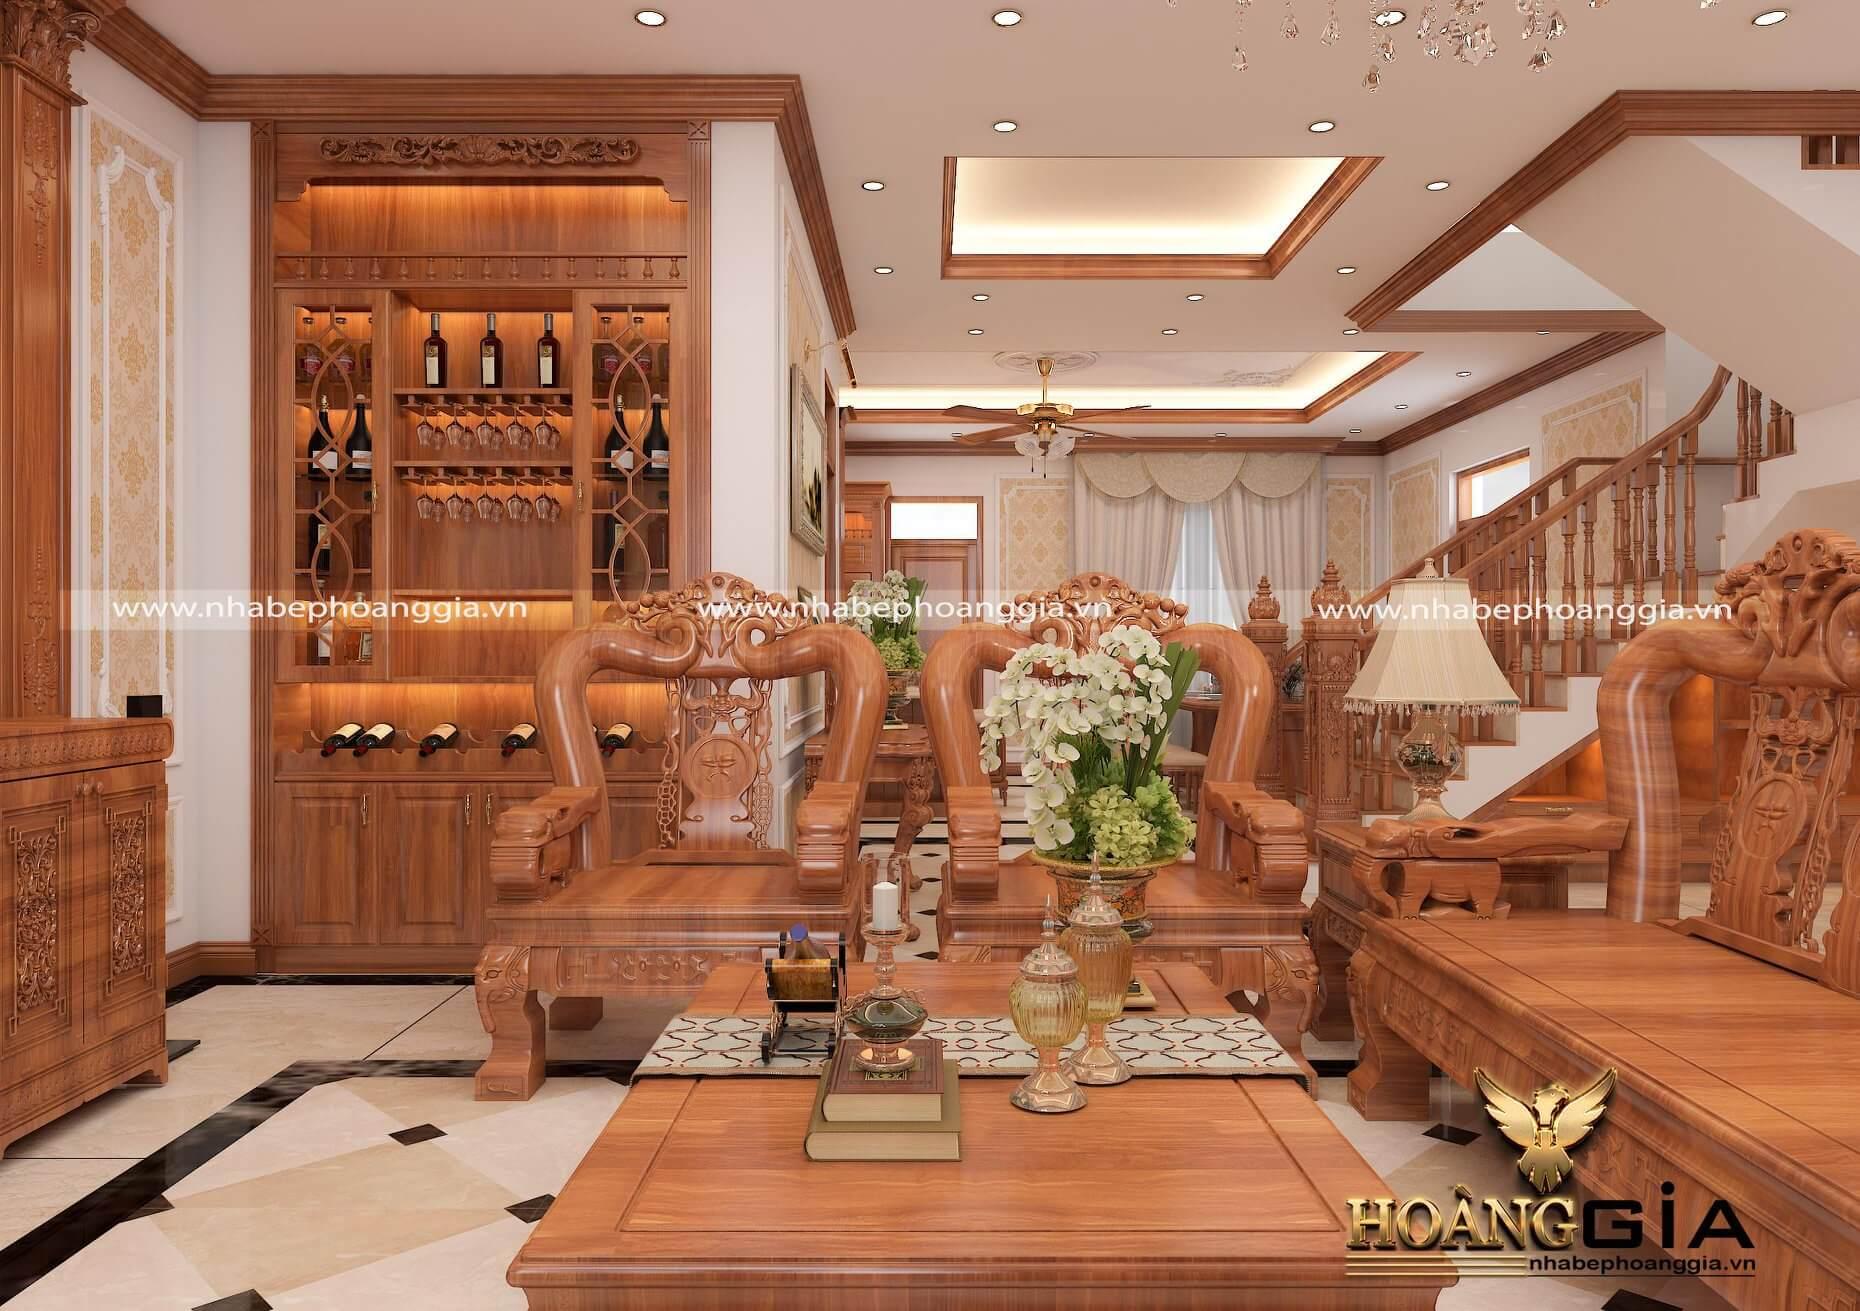 mẫu phòng khách gỗ tự nhiên